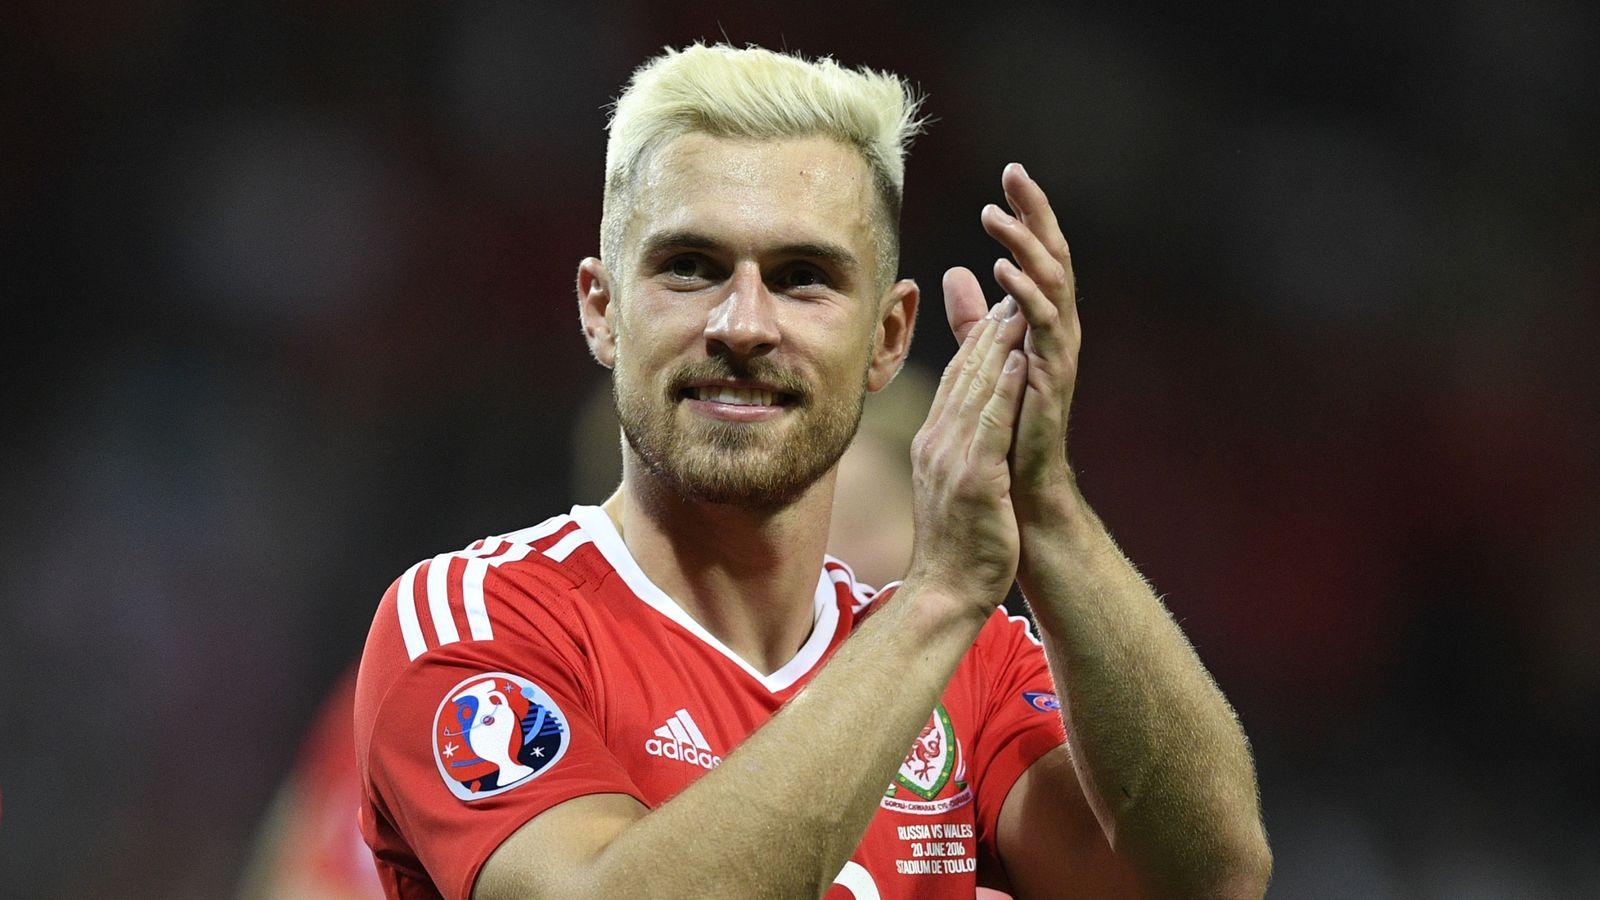 Đội hình hay nhất EURO 2016 giờ ra sao? - Bóng Đá